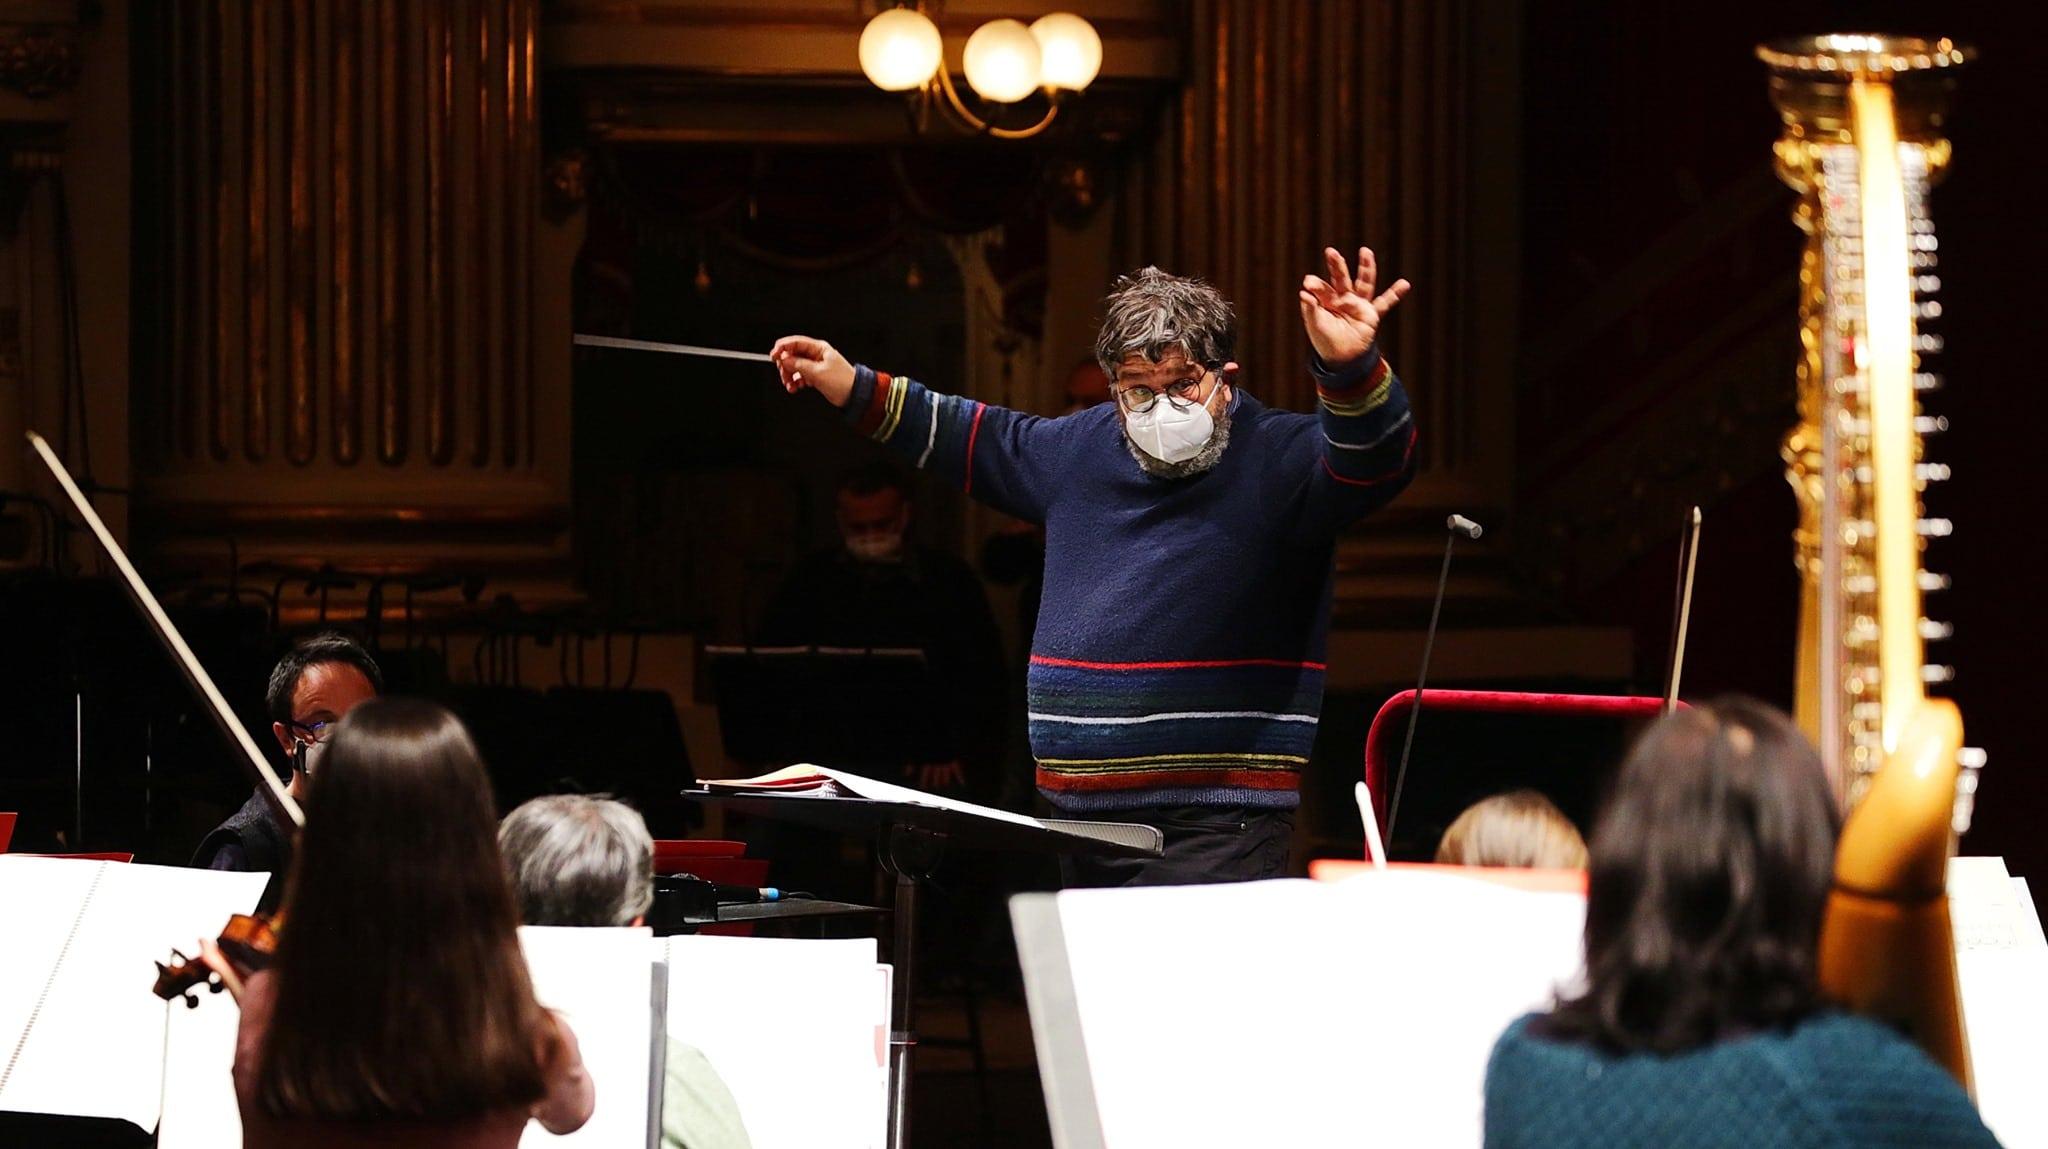 Breaking: New Covid outbreak at La Scala